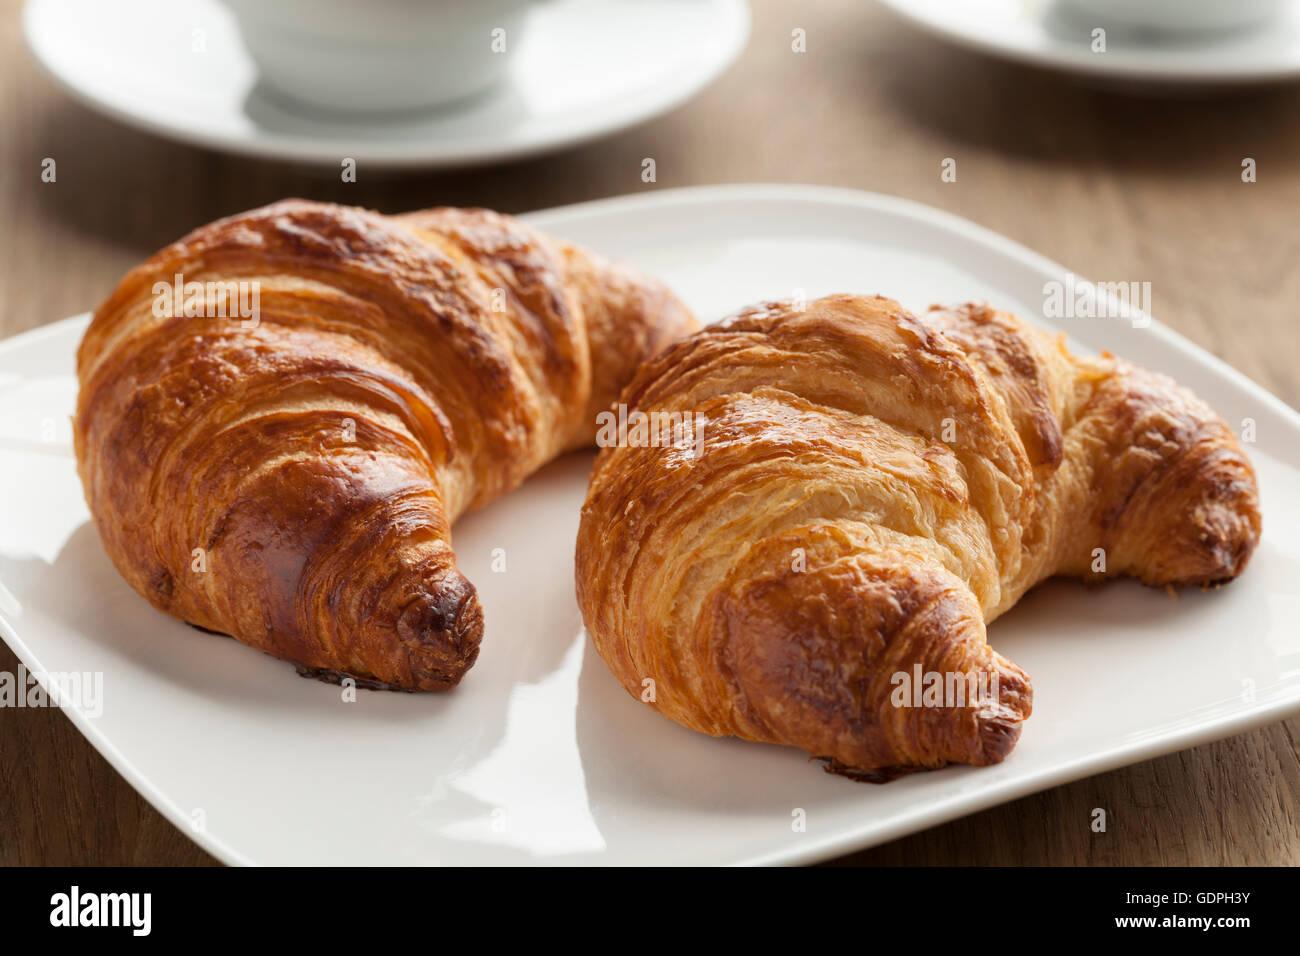 Schüssel mit frisch gebackenen französischen Croissants zum Frühstück Stockbild